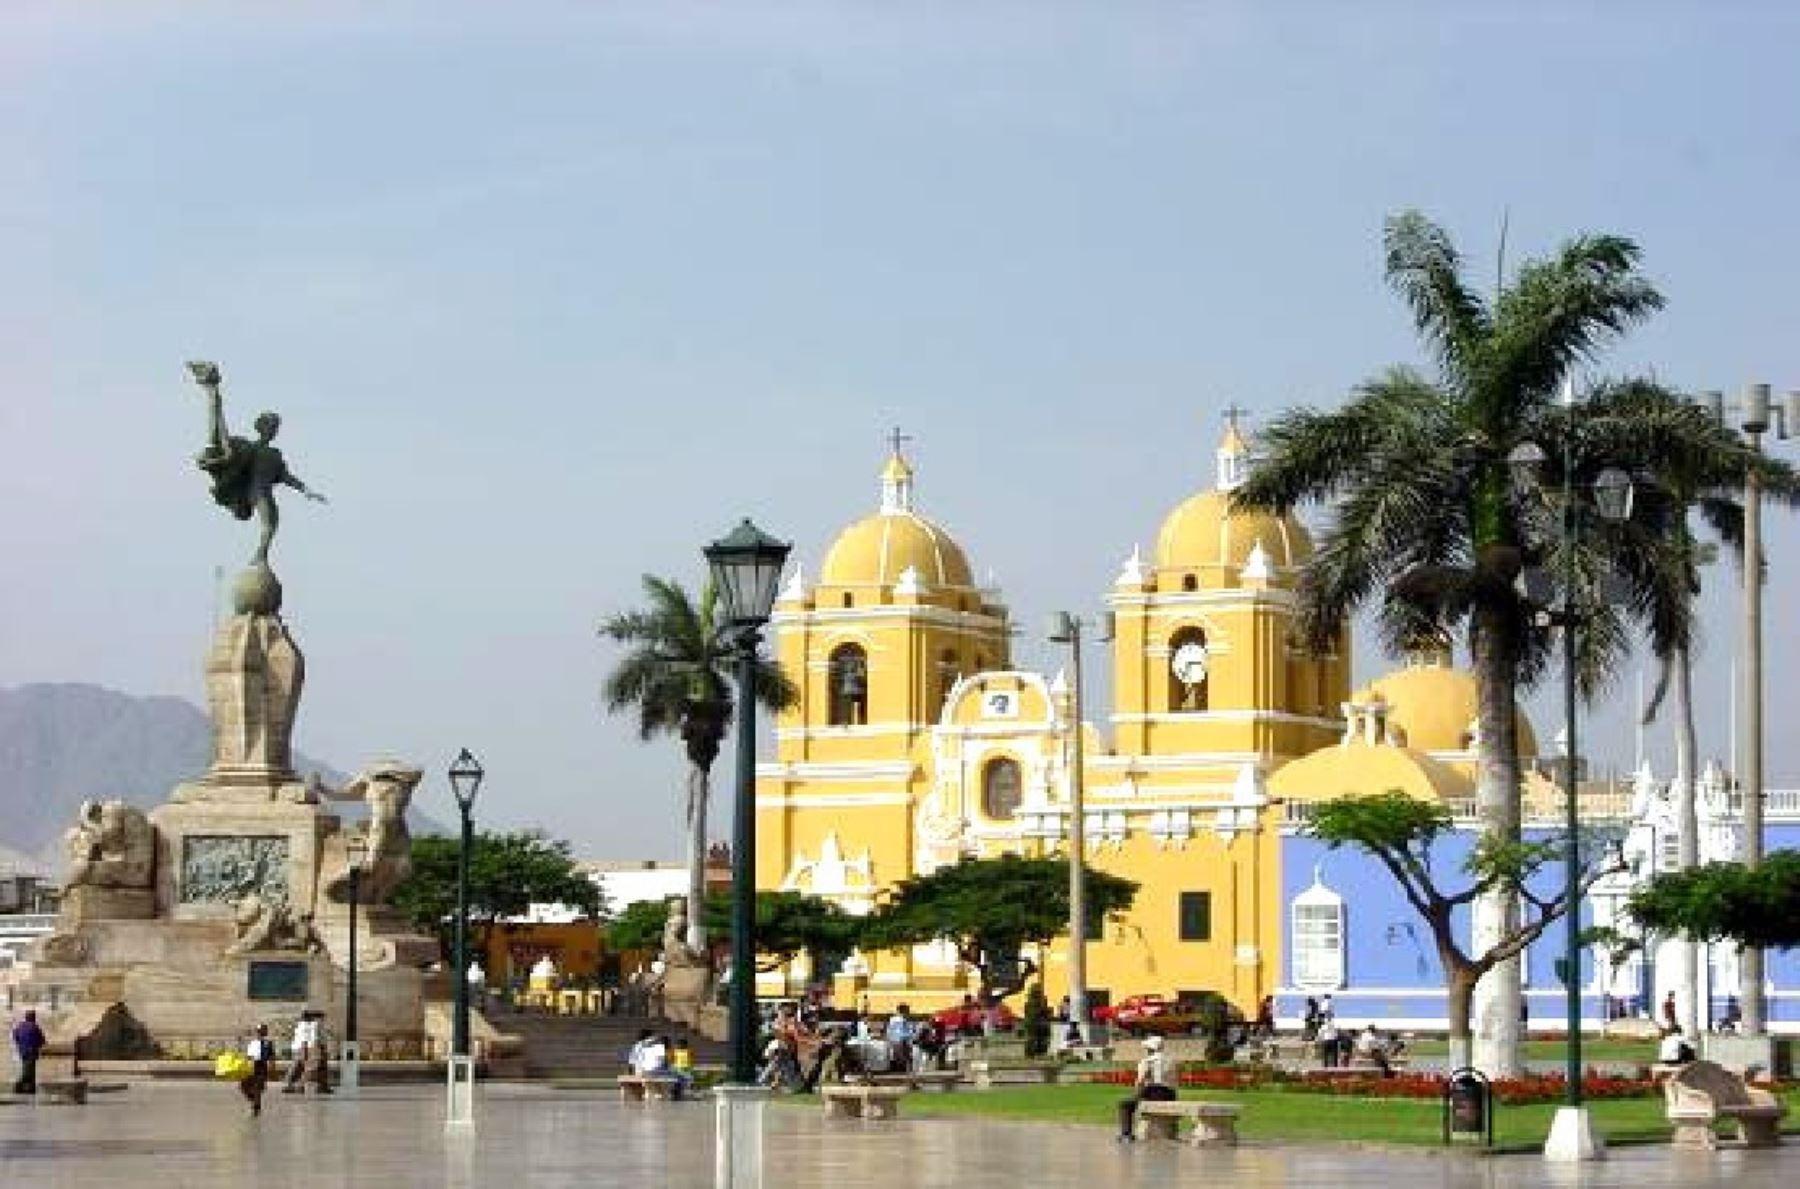 La región La Libertad es el segundo destino elegido por los turistas peruanos para hacer negocios, informó Promperú. Foto: ANDINA/Difusión